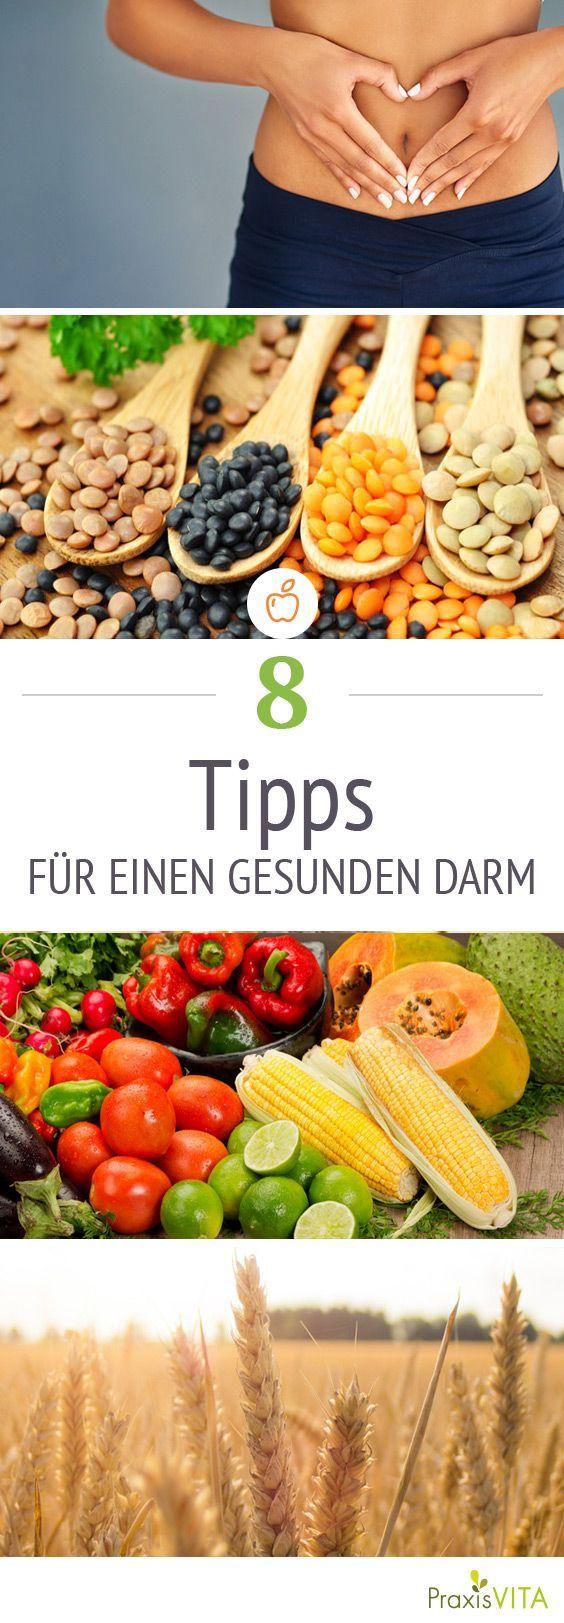 8 Tipps für einen gesunden Darm. Ein gesunder Darm ist die Grundlage für Gesundheit. Auch bei einer Nahrungsmittelunverträglichkeit, wie Laktoseintoleranz, Fructoseintoleranz oder Glutenunverträglichkeit ist es wichtig auf einen gesunden Darm zu achten.